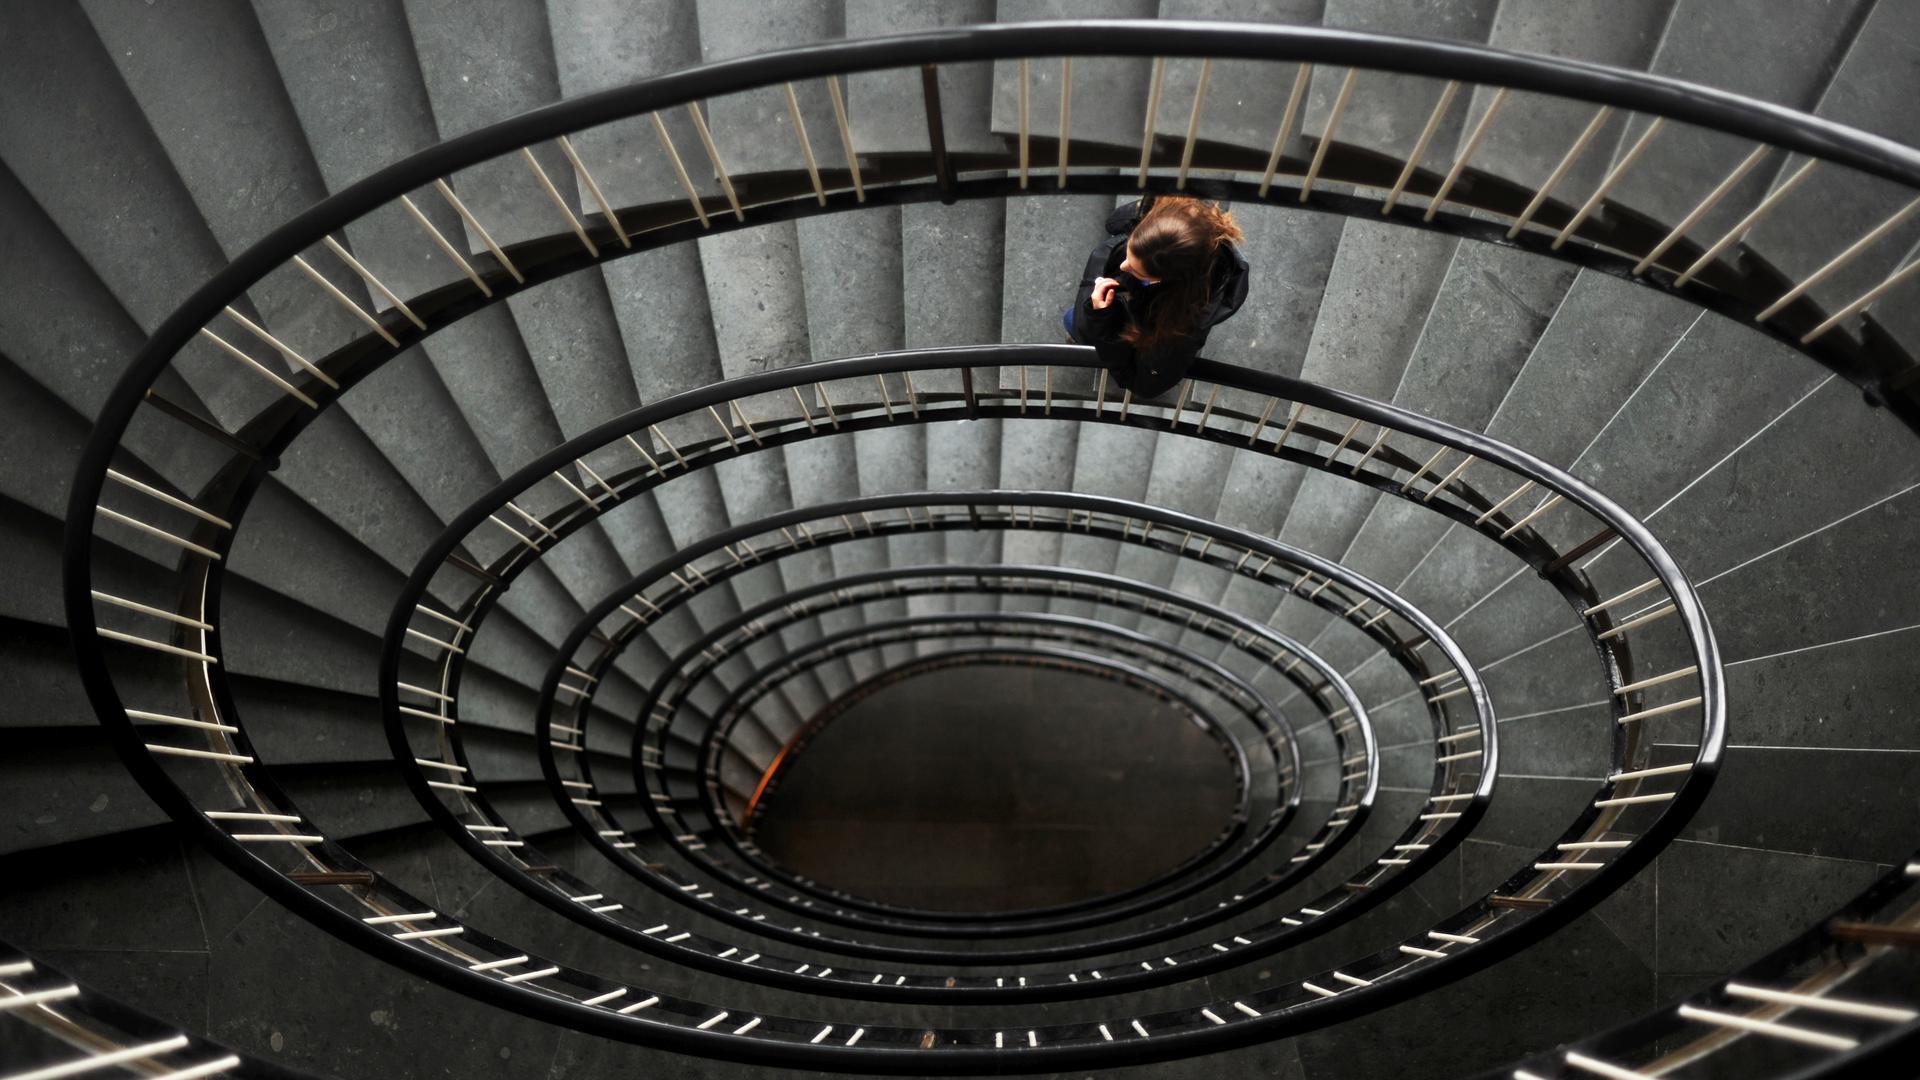 ARCHIV- ILLUSTRATION - Eine Frau steht am 09.02.2012 in einem Treppenhaus in Hannover. Foto: Julian Stratenschulte/dpa (Symbolbild zu dpa «Von Zwangsjacken und Vibratoren: Kurze Geschichte der Psychiatrie» vom 09.10.2015) +++ dpa-Bildfunk +++